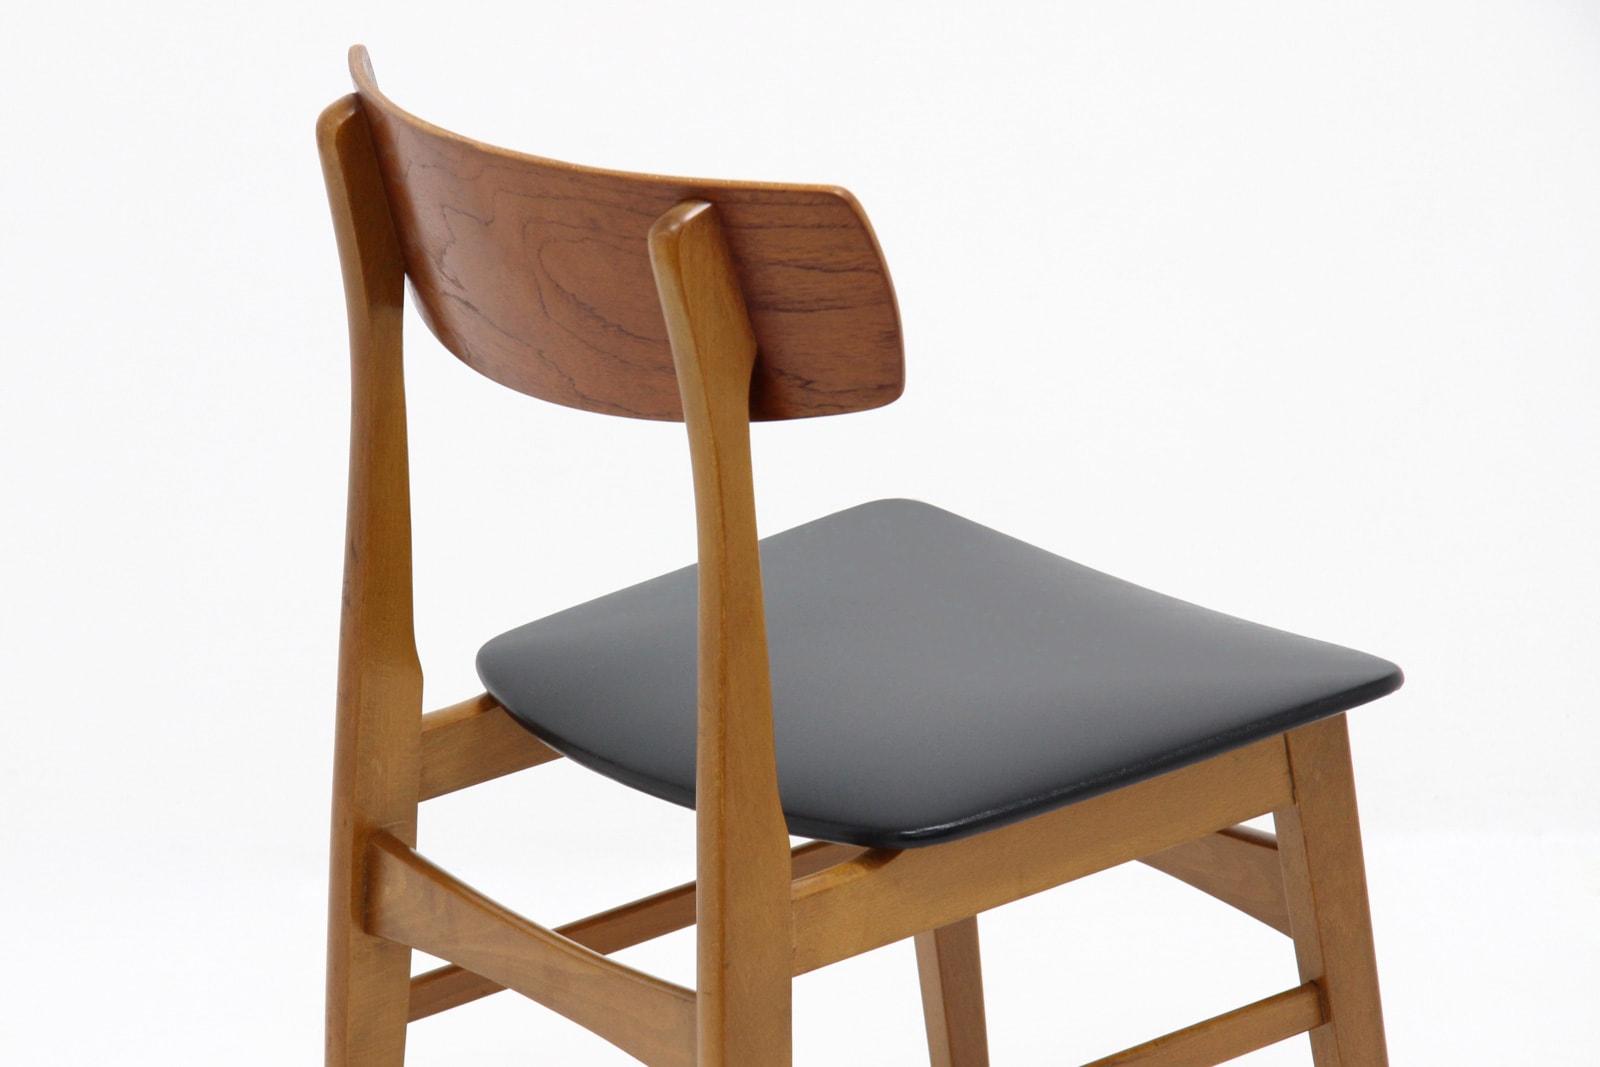 ヴィンテージ,北欧,ダイニングチェア,椅子